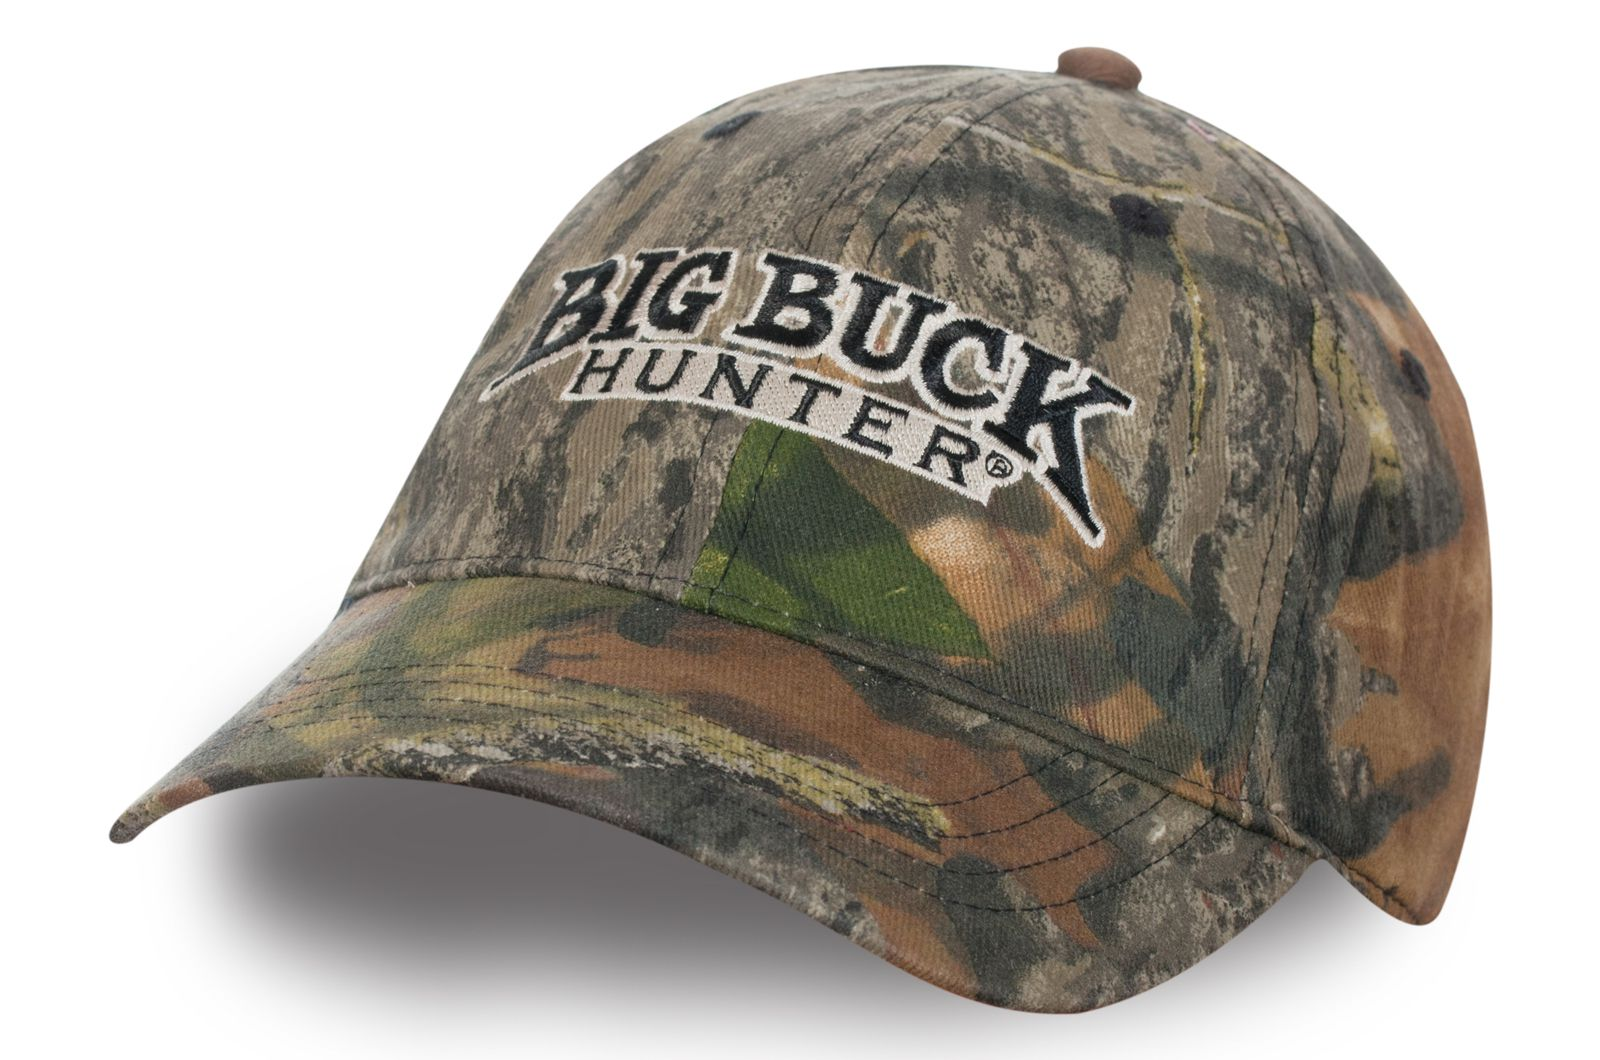 Бейсболка Big Buck Hunter - купить по выгодной цене